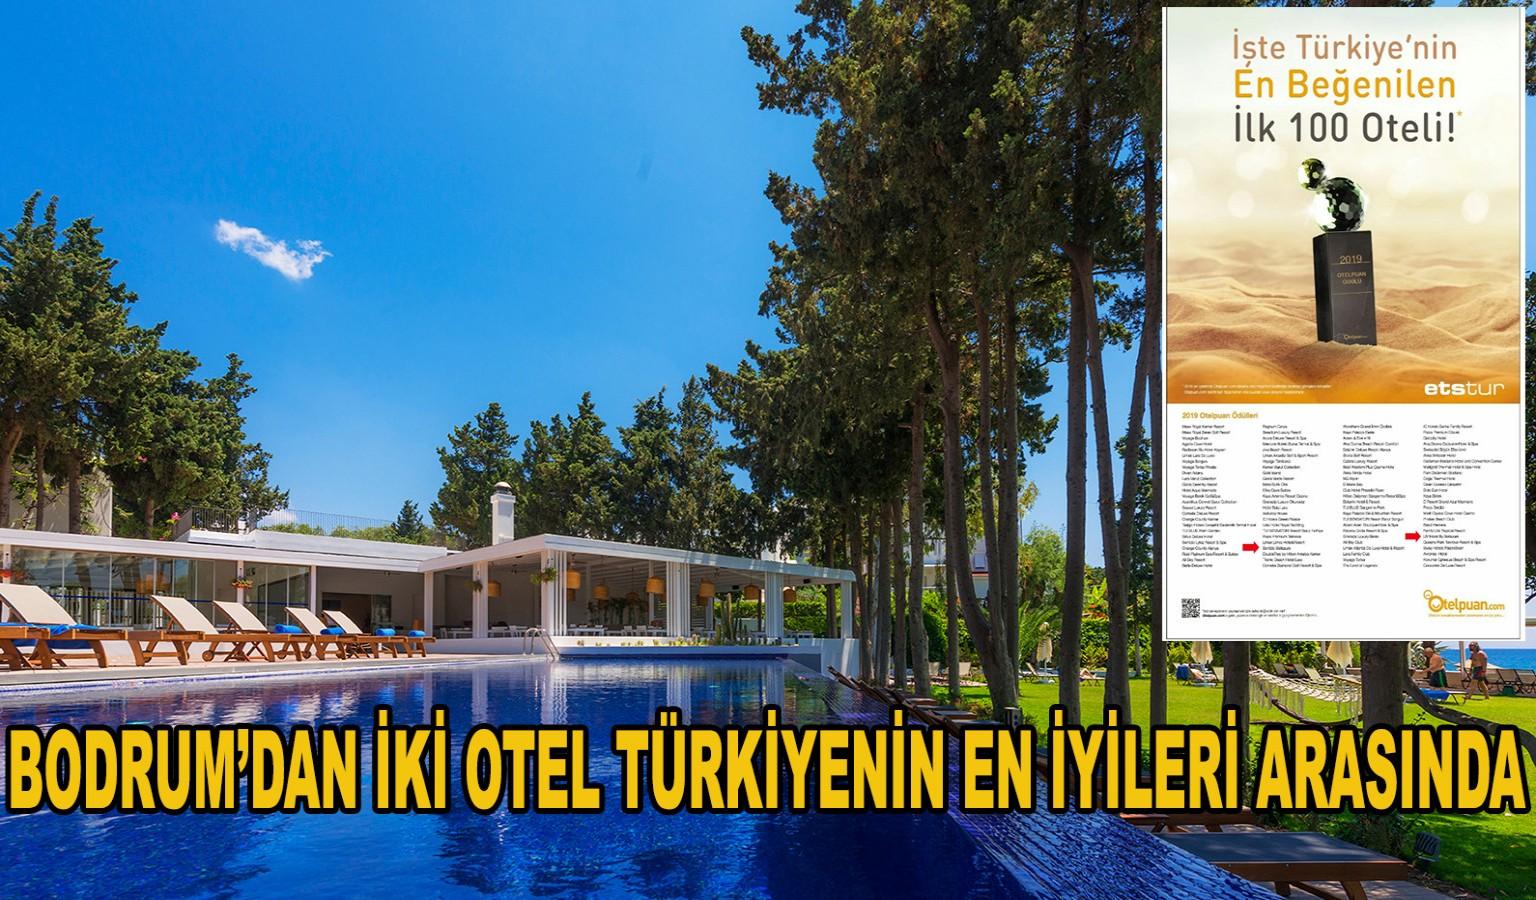 BODRUM'DAN İKİ OTEL TÜRKİYENİN EN İYİLERİ ARASINDA